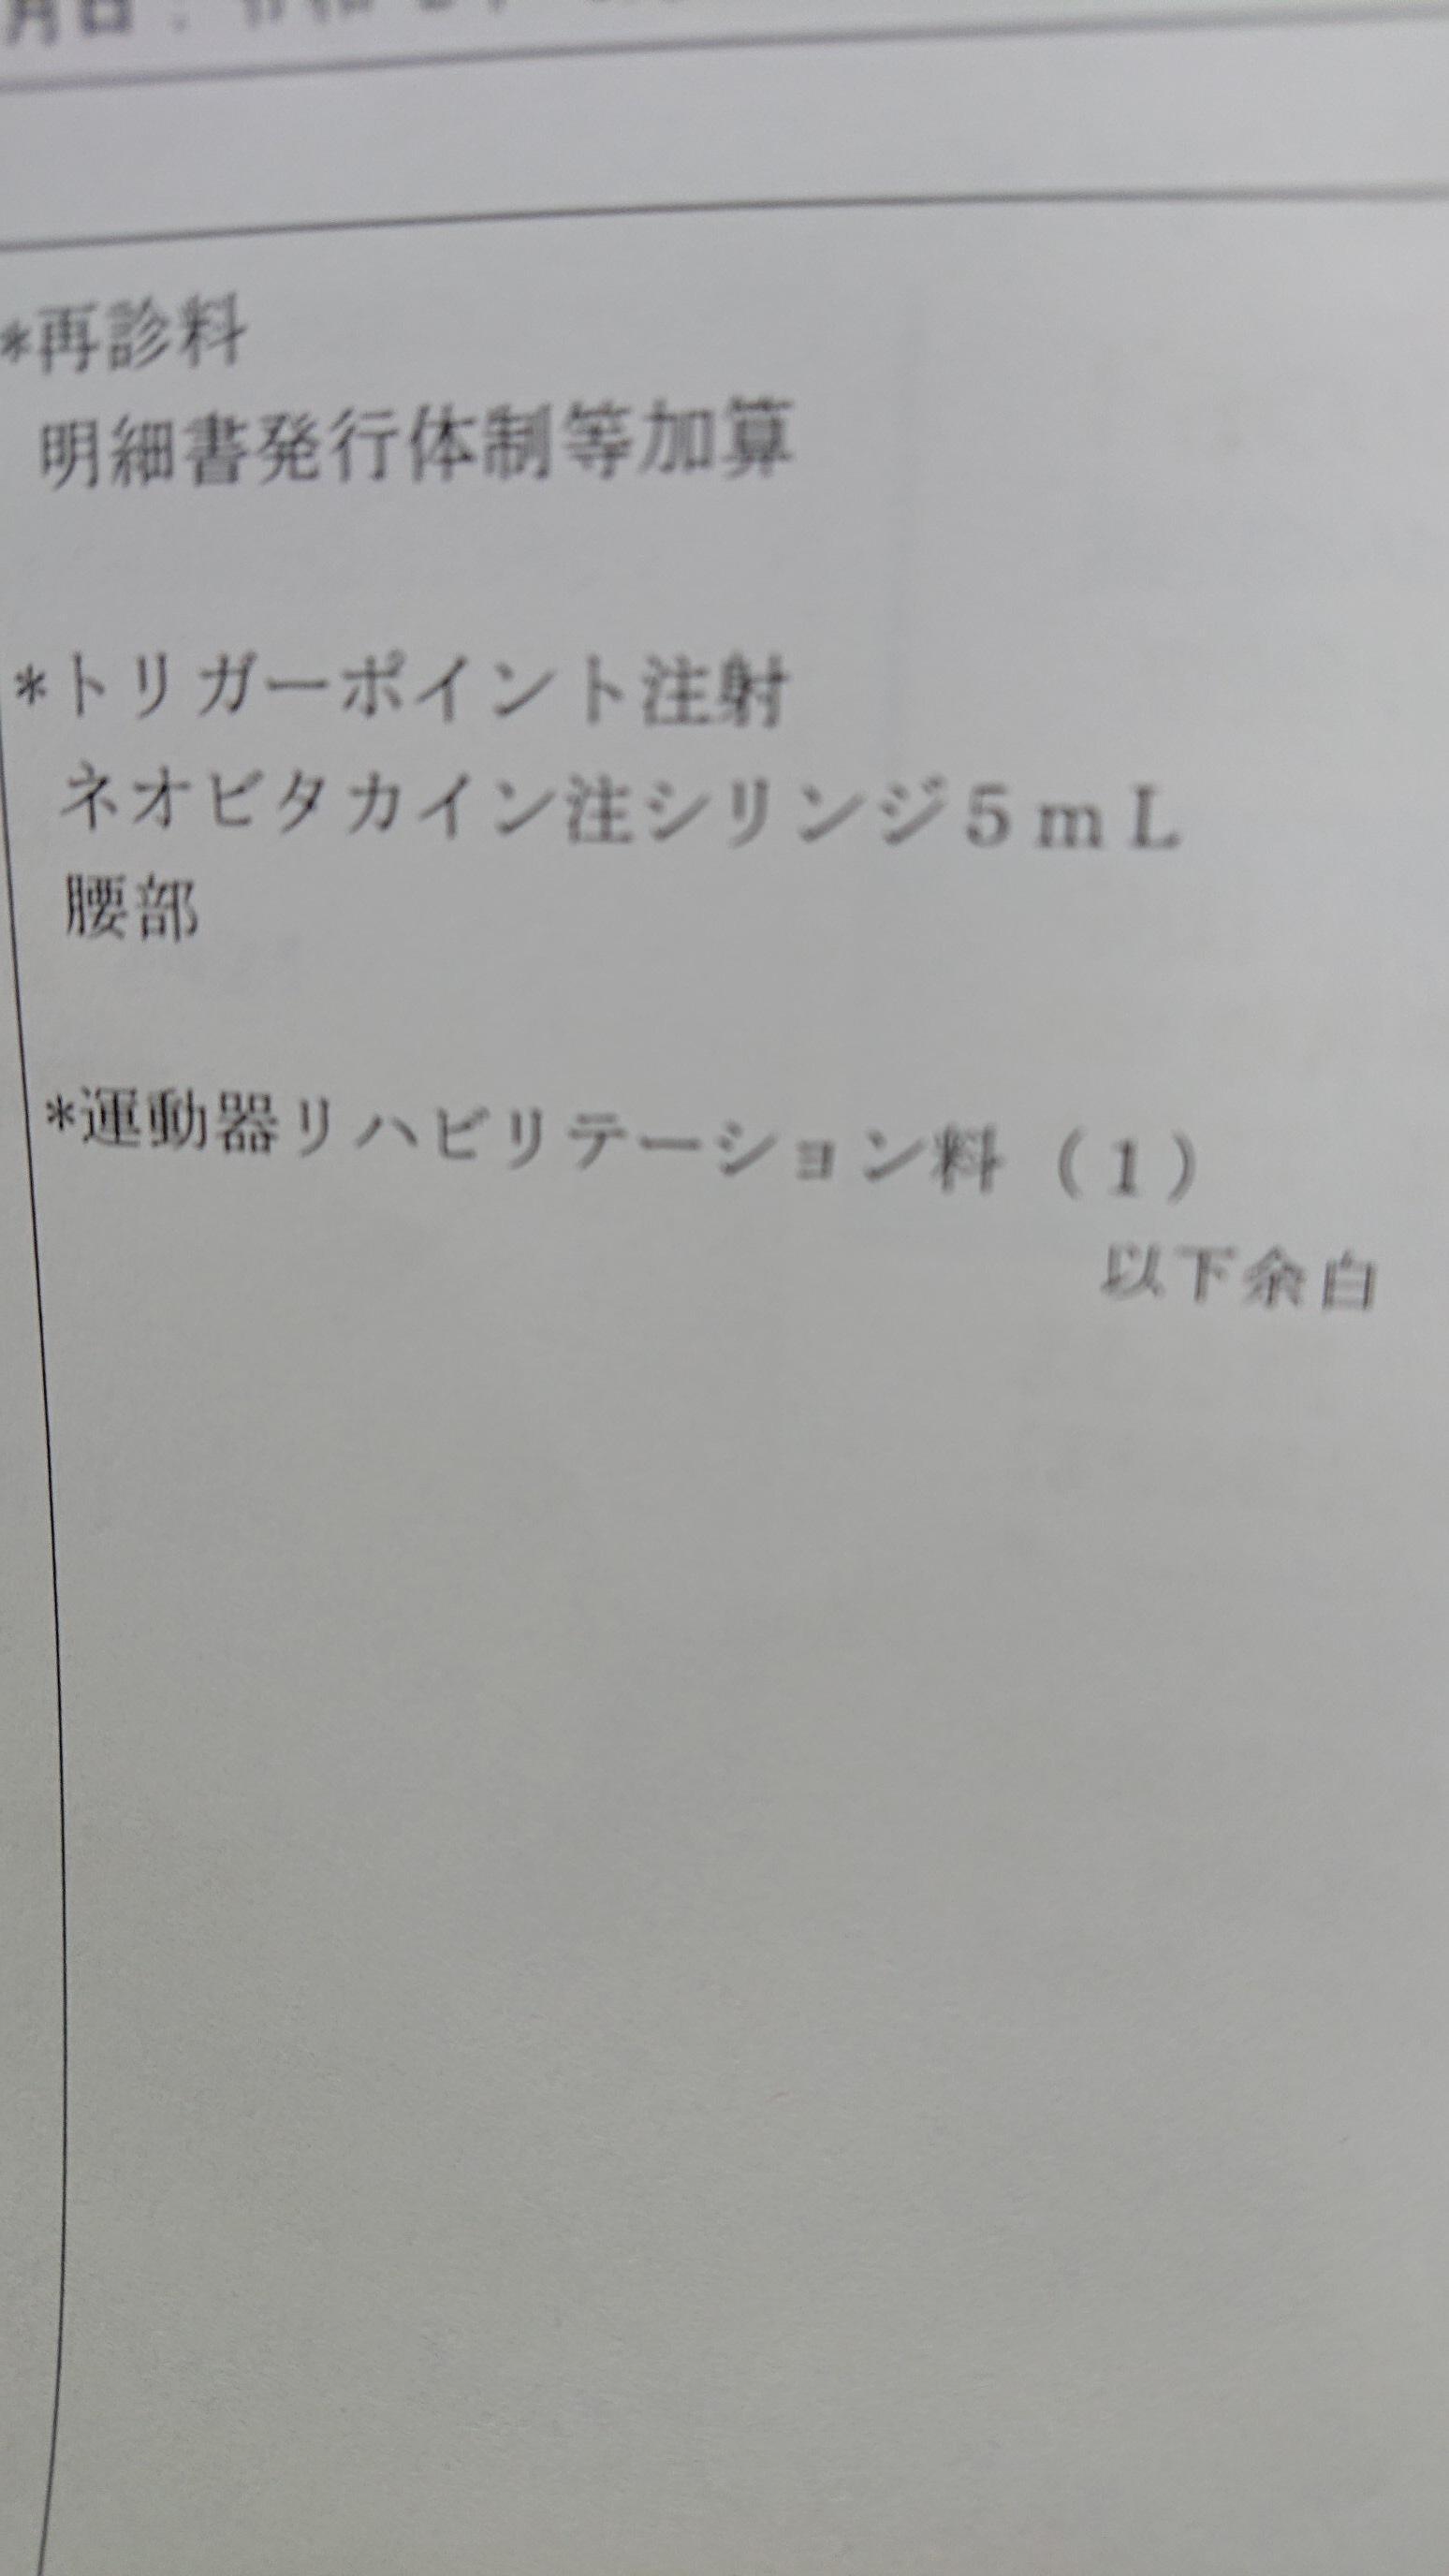 温かい_d0155439_16230516.jpeg